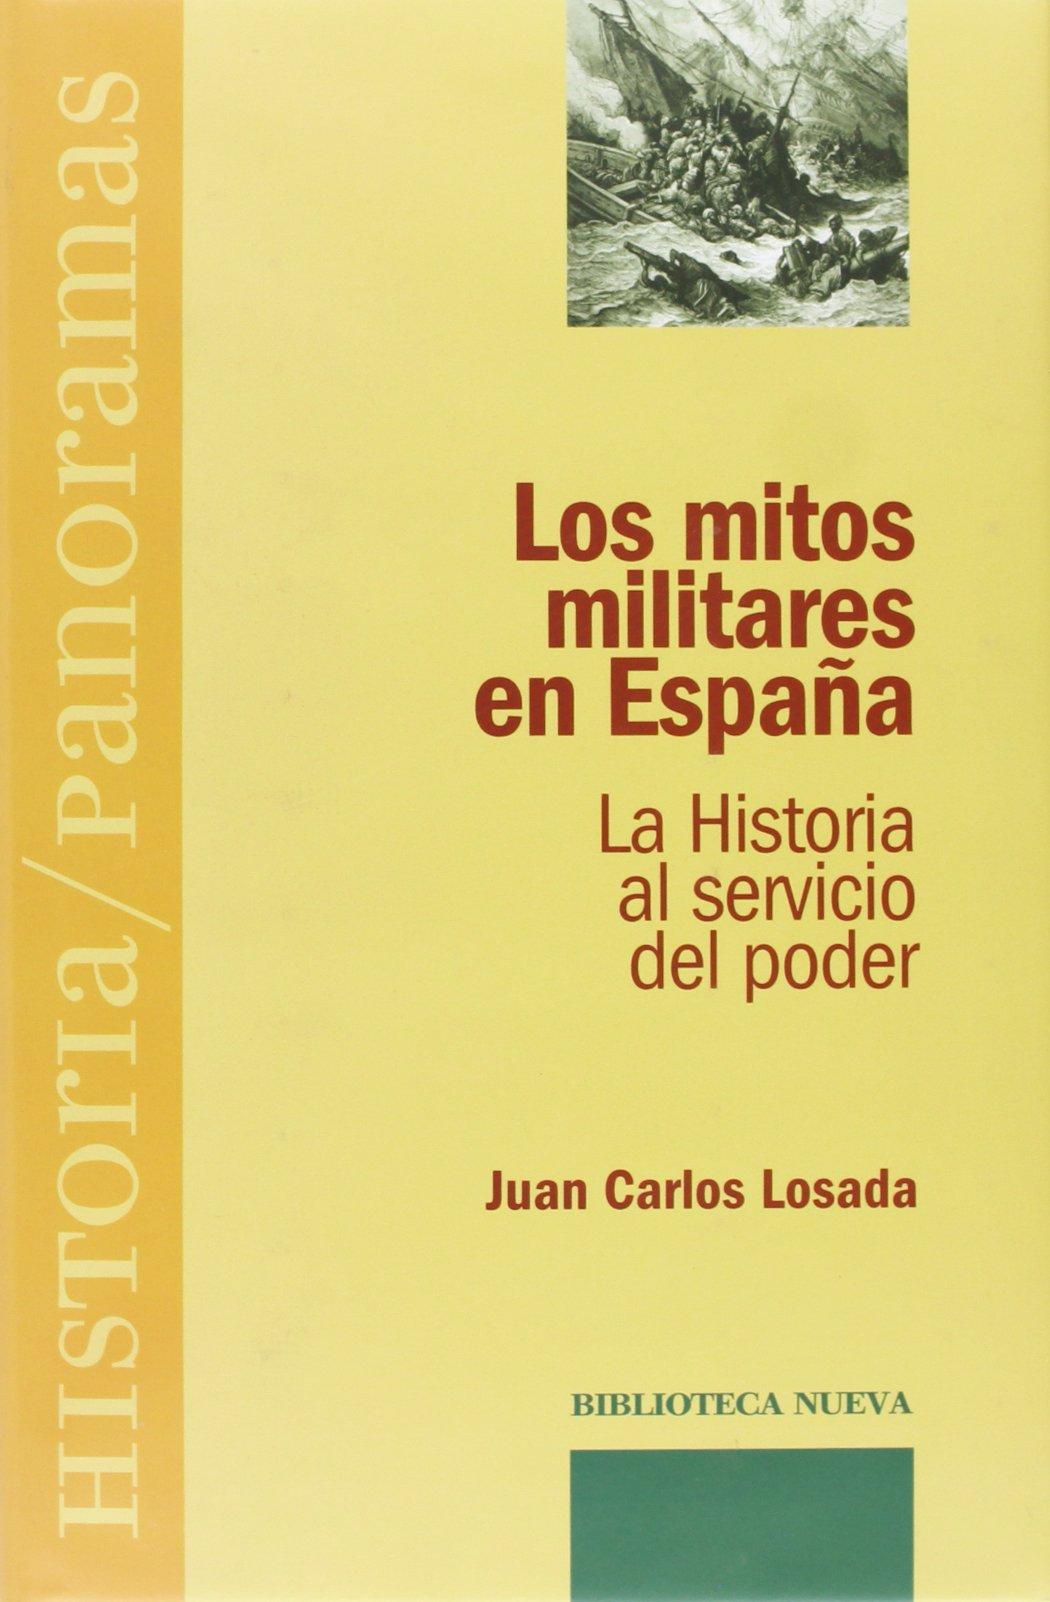 Los mitos militares en España (Historia / Panoramas): Amazon.es ...